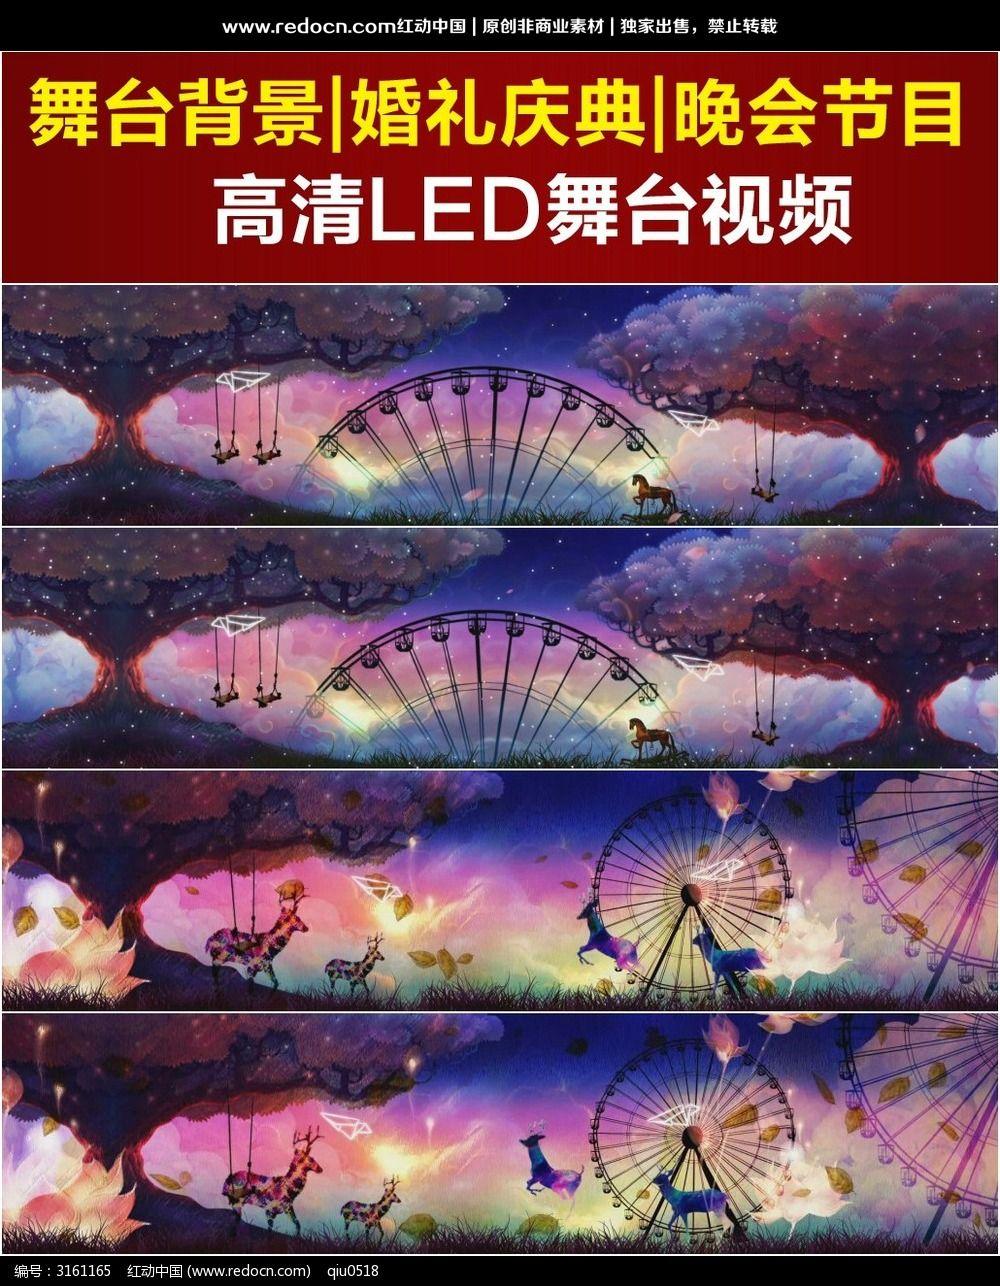 梦幻童话摩天轮LED视频图片